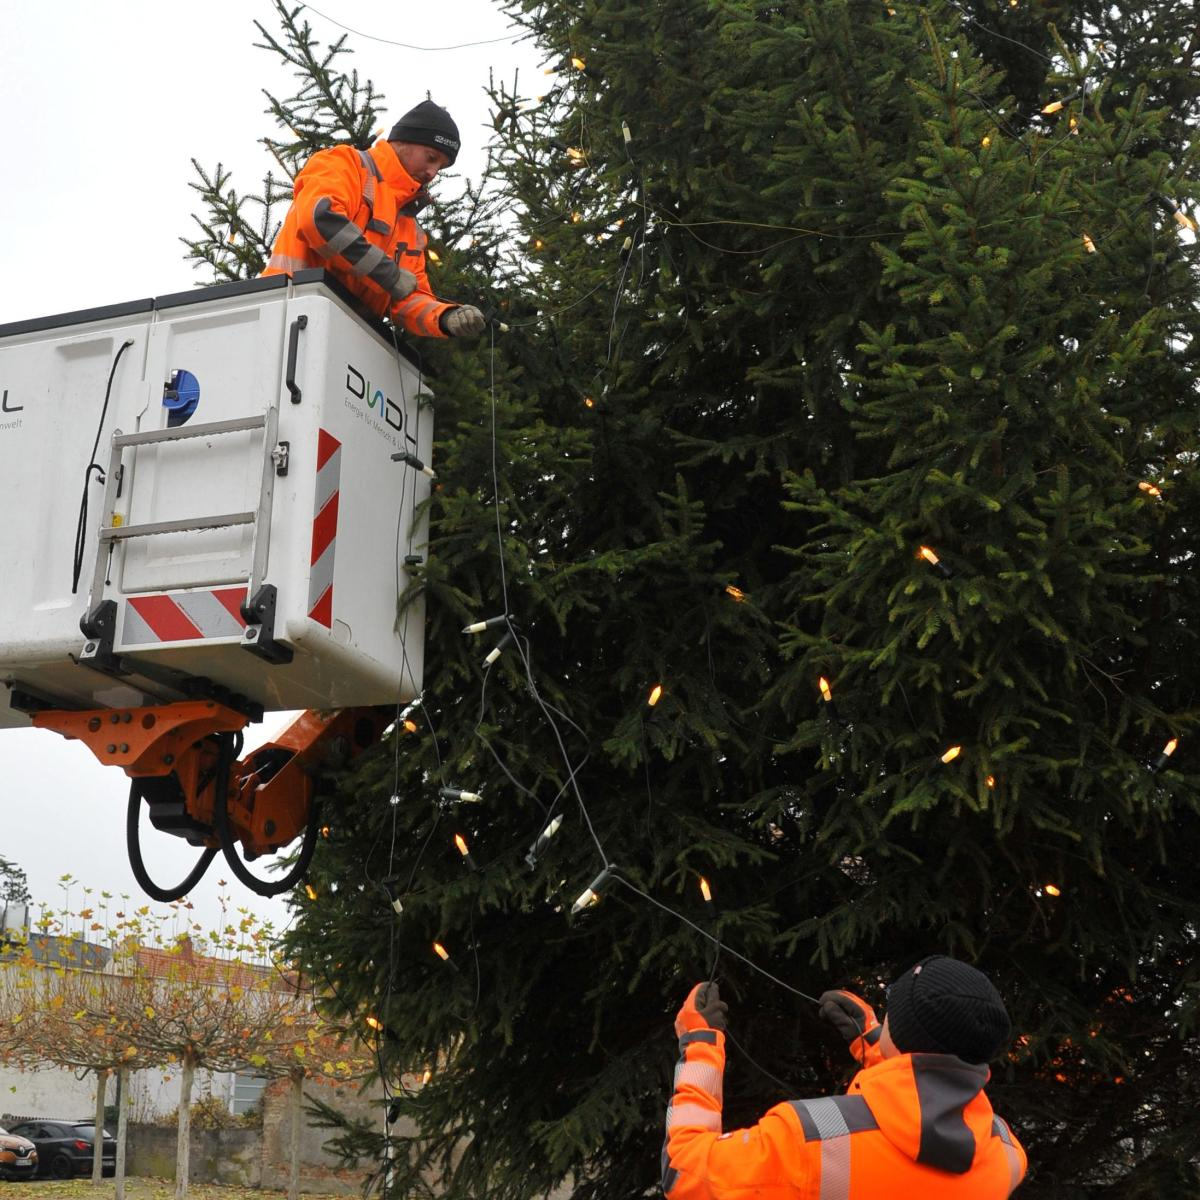 Weihnachtsbaum Schneit.Dillingen O Tannenbaum Nachrichten Dillingen Augsburger Allgemeine